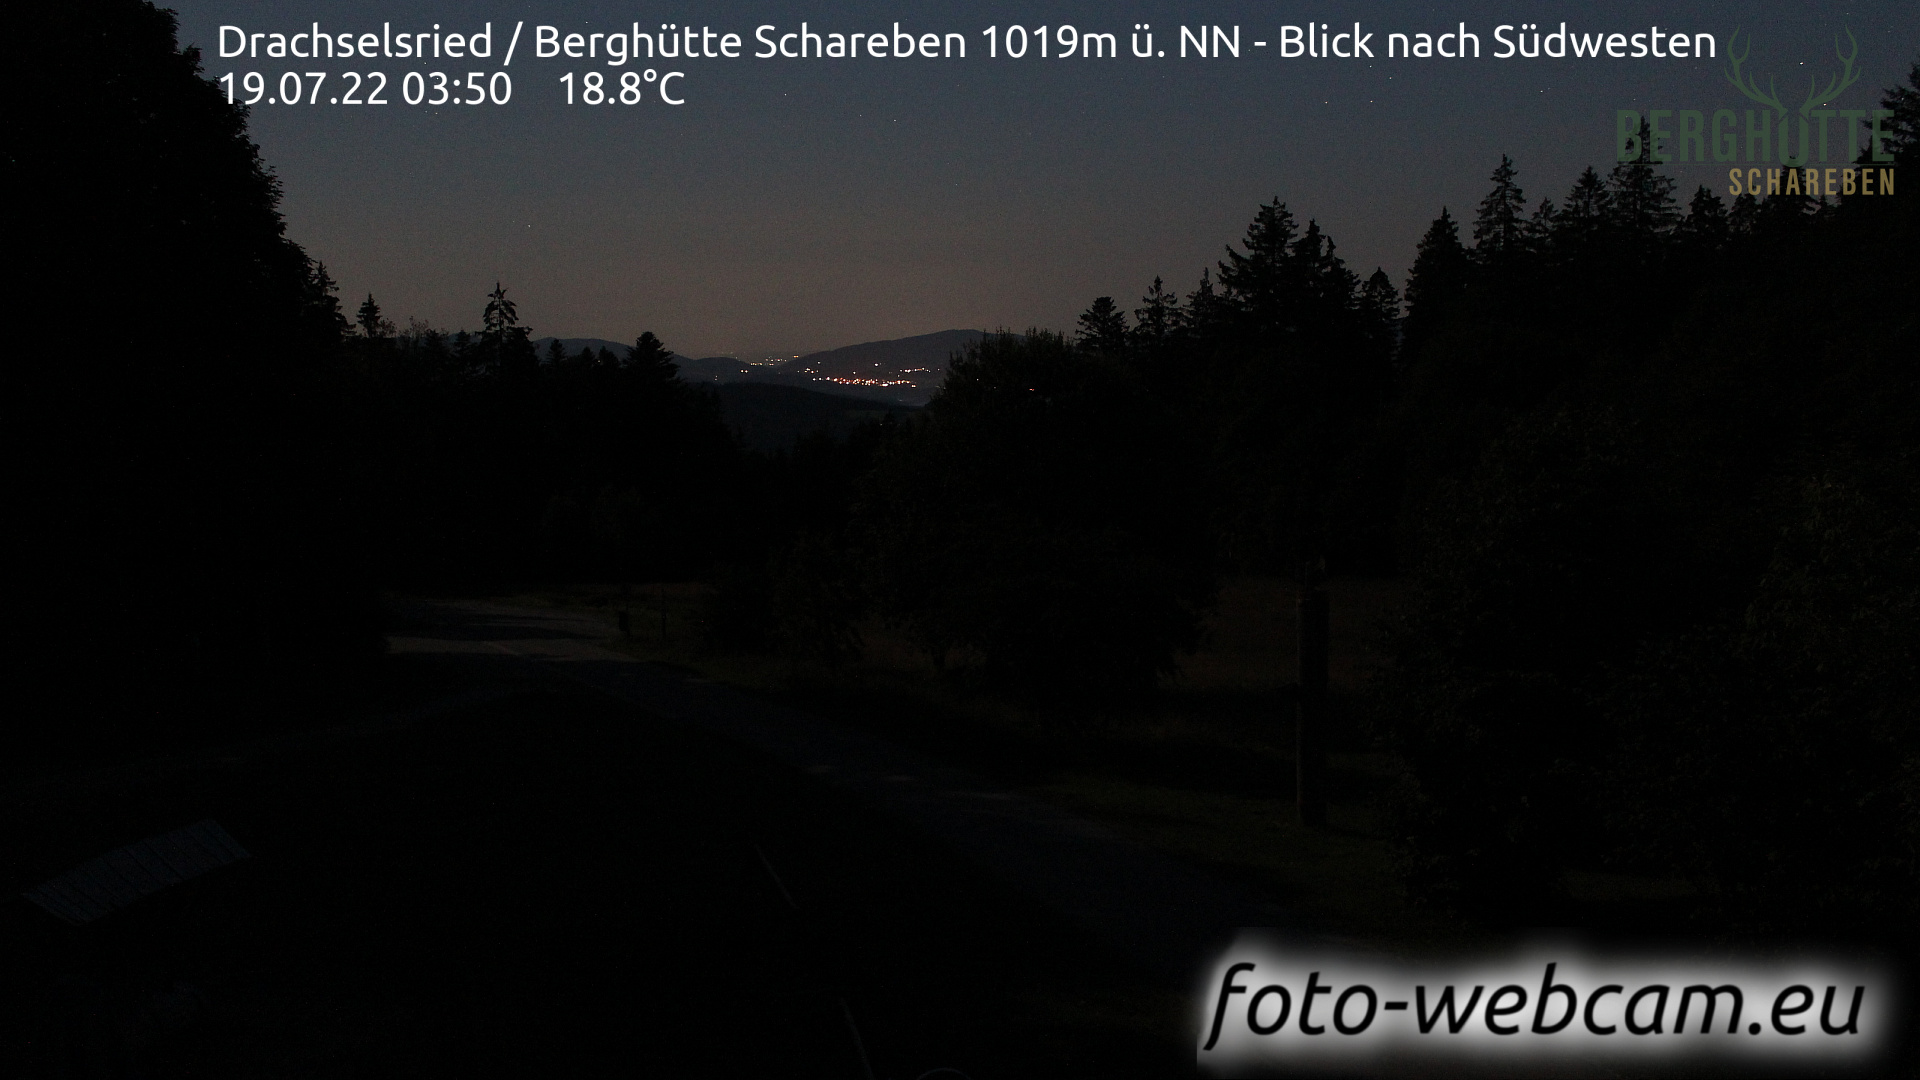 Drachselsried Sat. 03:57